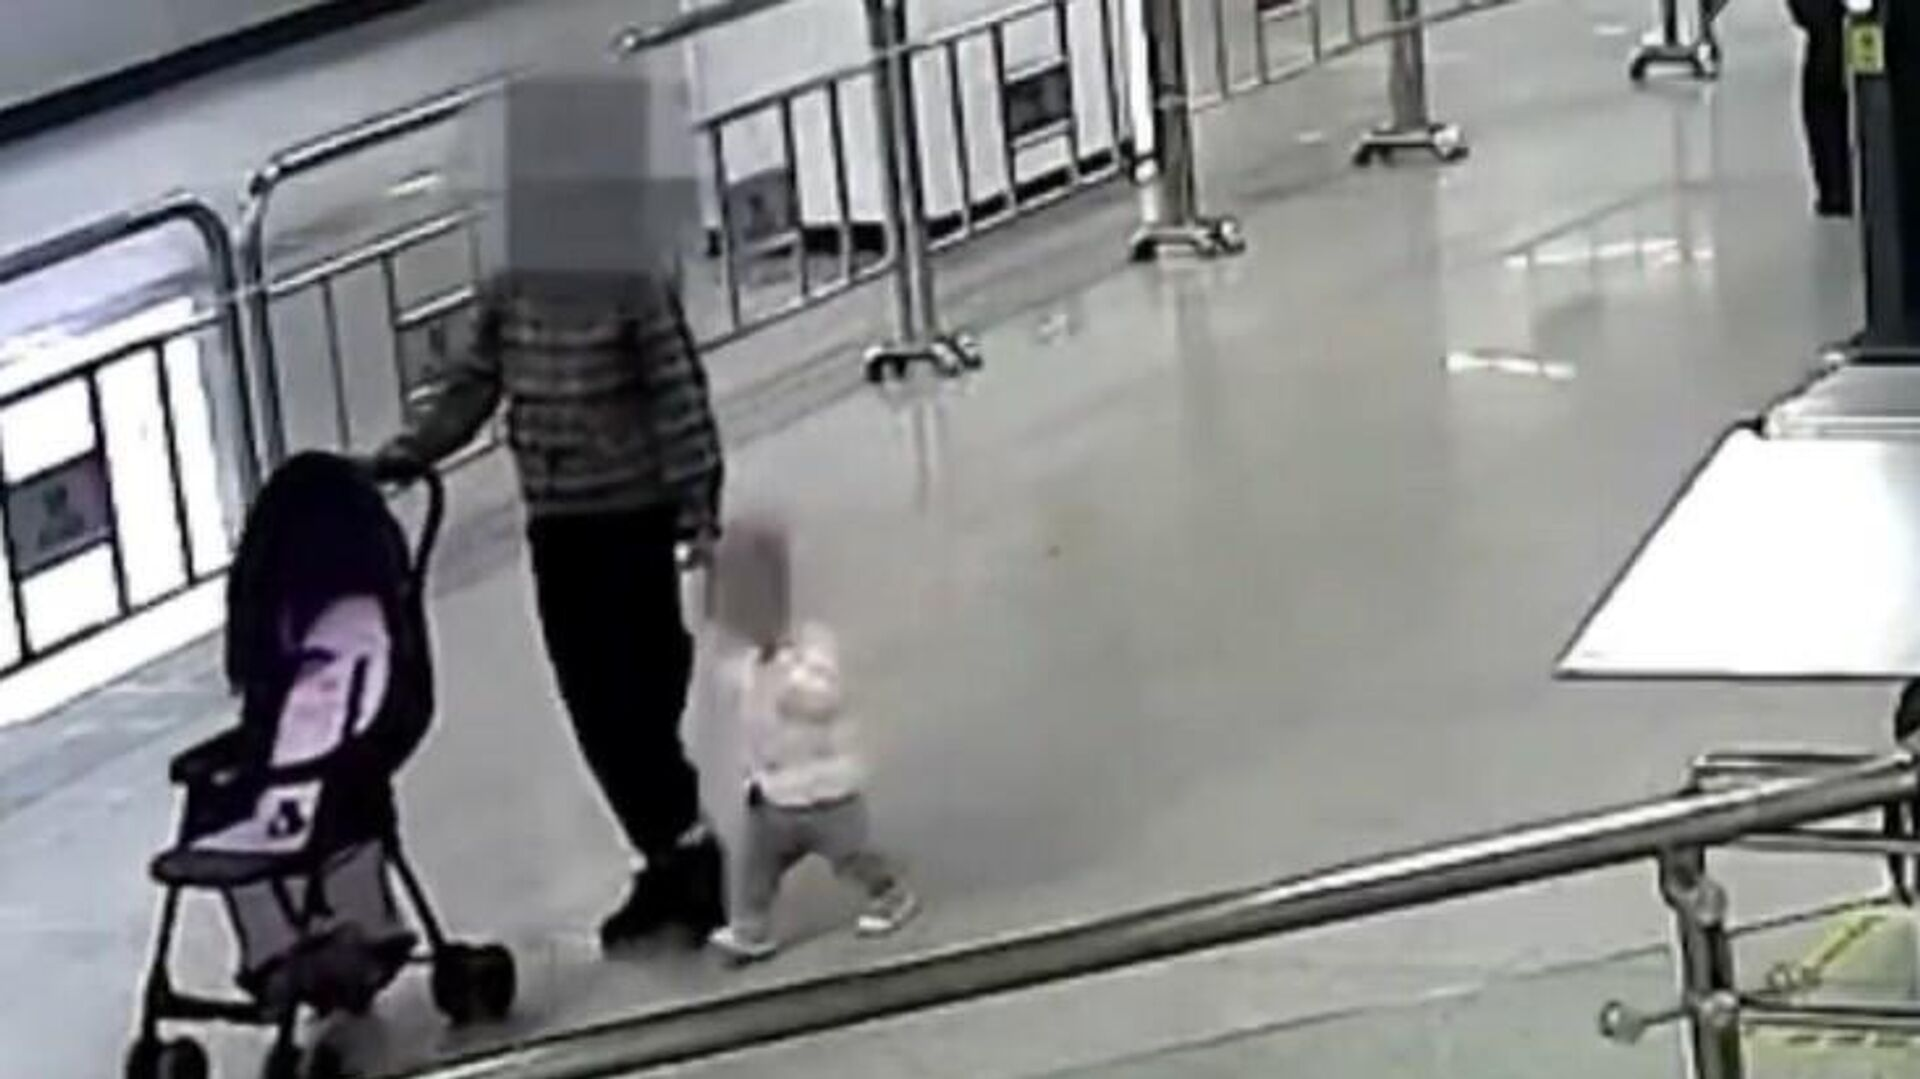 Reacción rápida: un guardia de seguridad chino salva a un niño en una escalera mecánica - Sputnik Mundo, 1920, 16.03.2021